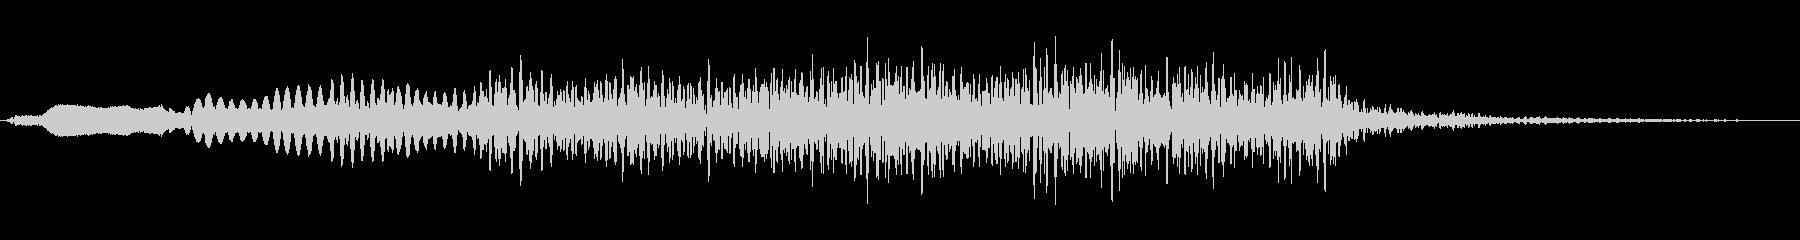 ジングル101oの未再生の波形